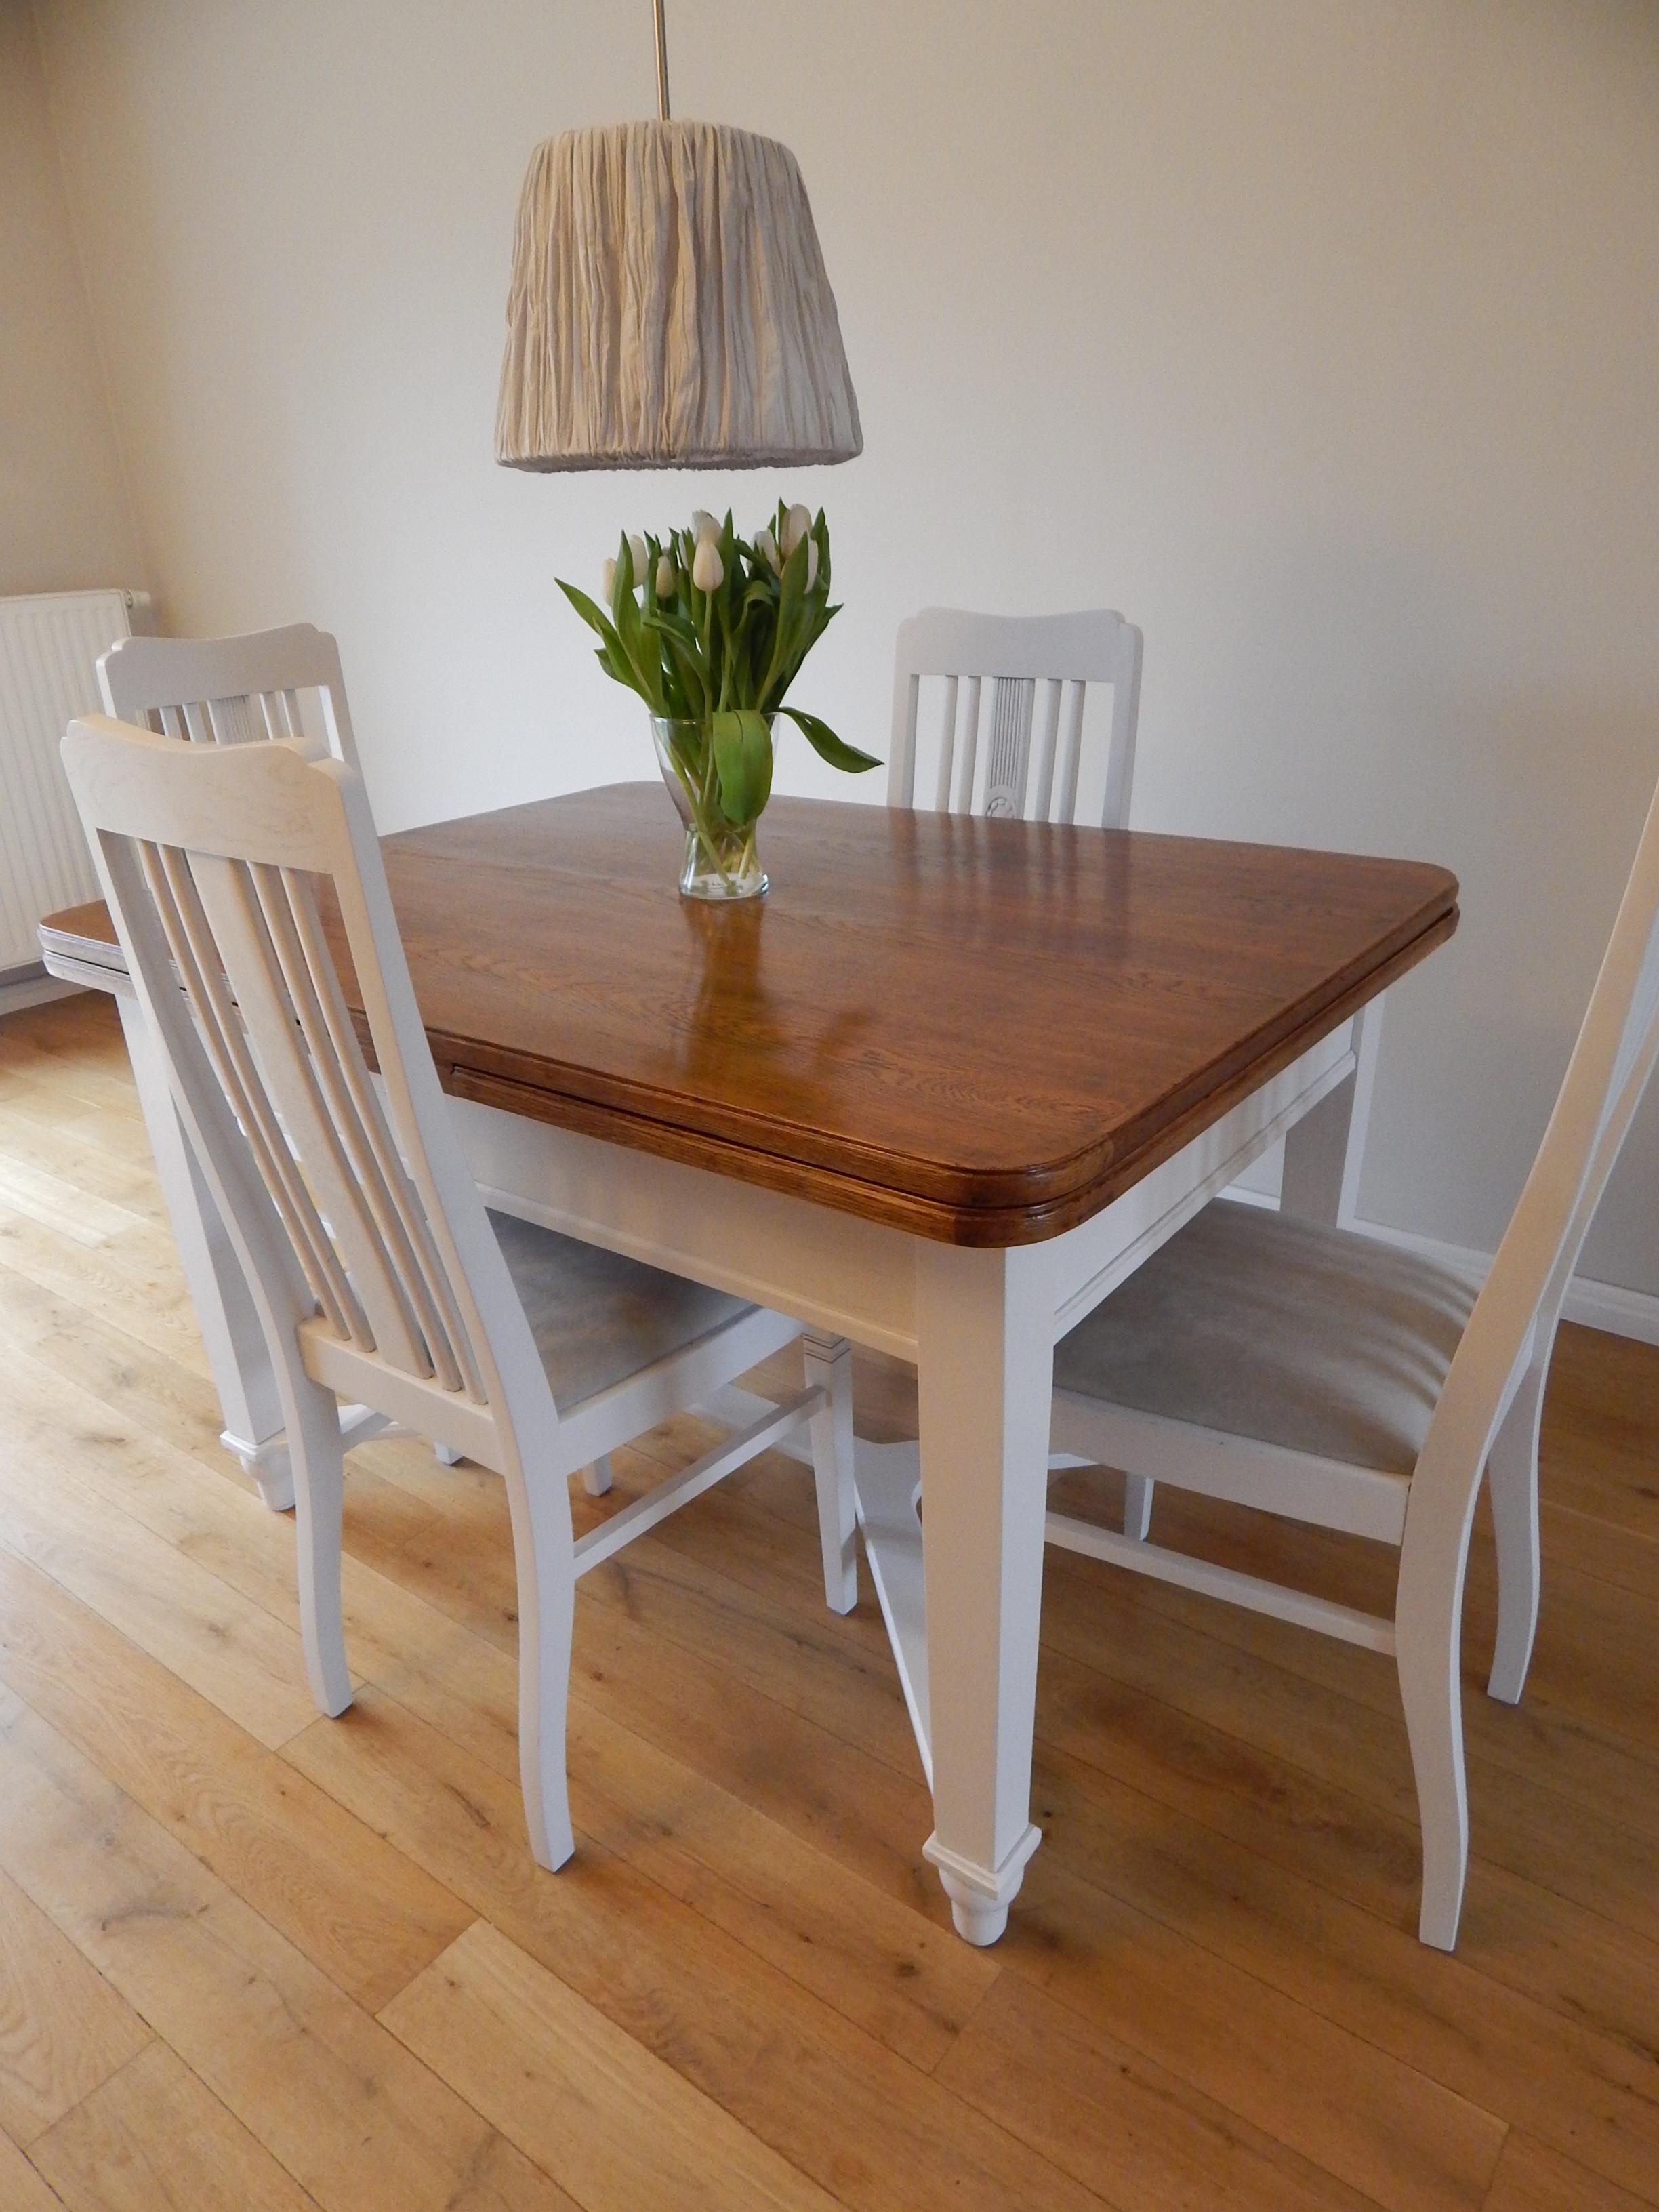 Rewelacyjny Renowacja stołu i krzeseł - Renowacja mebli Poznań KI42